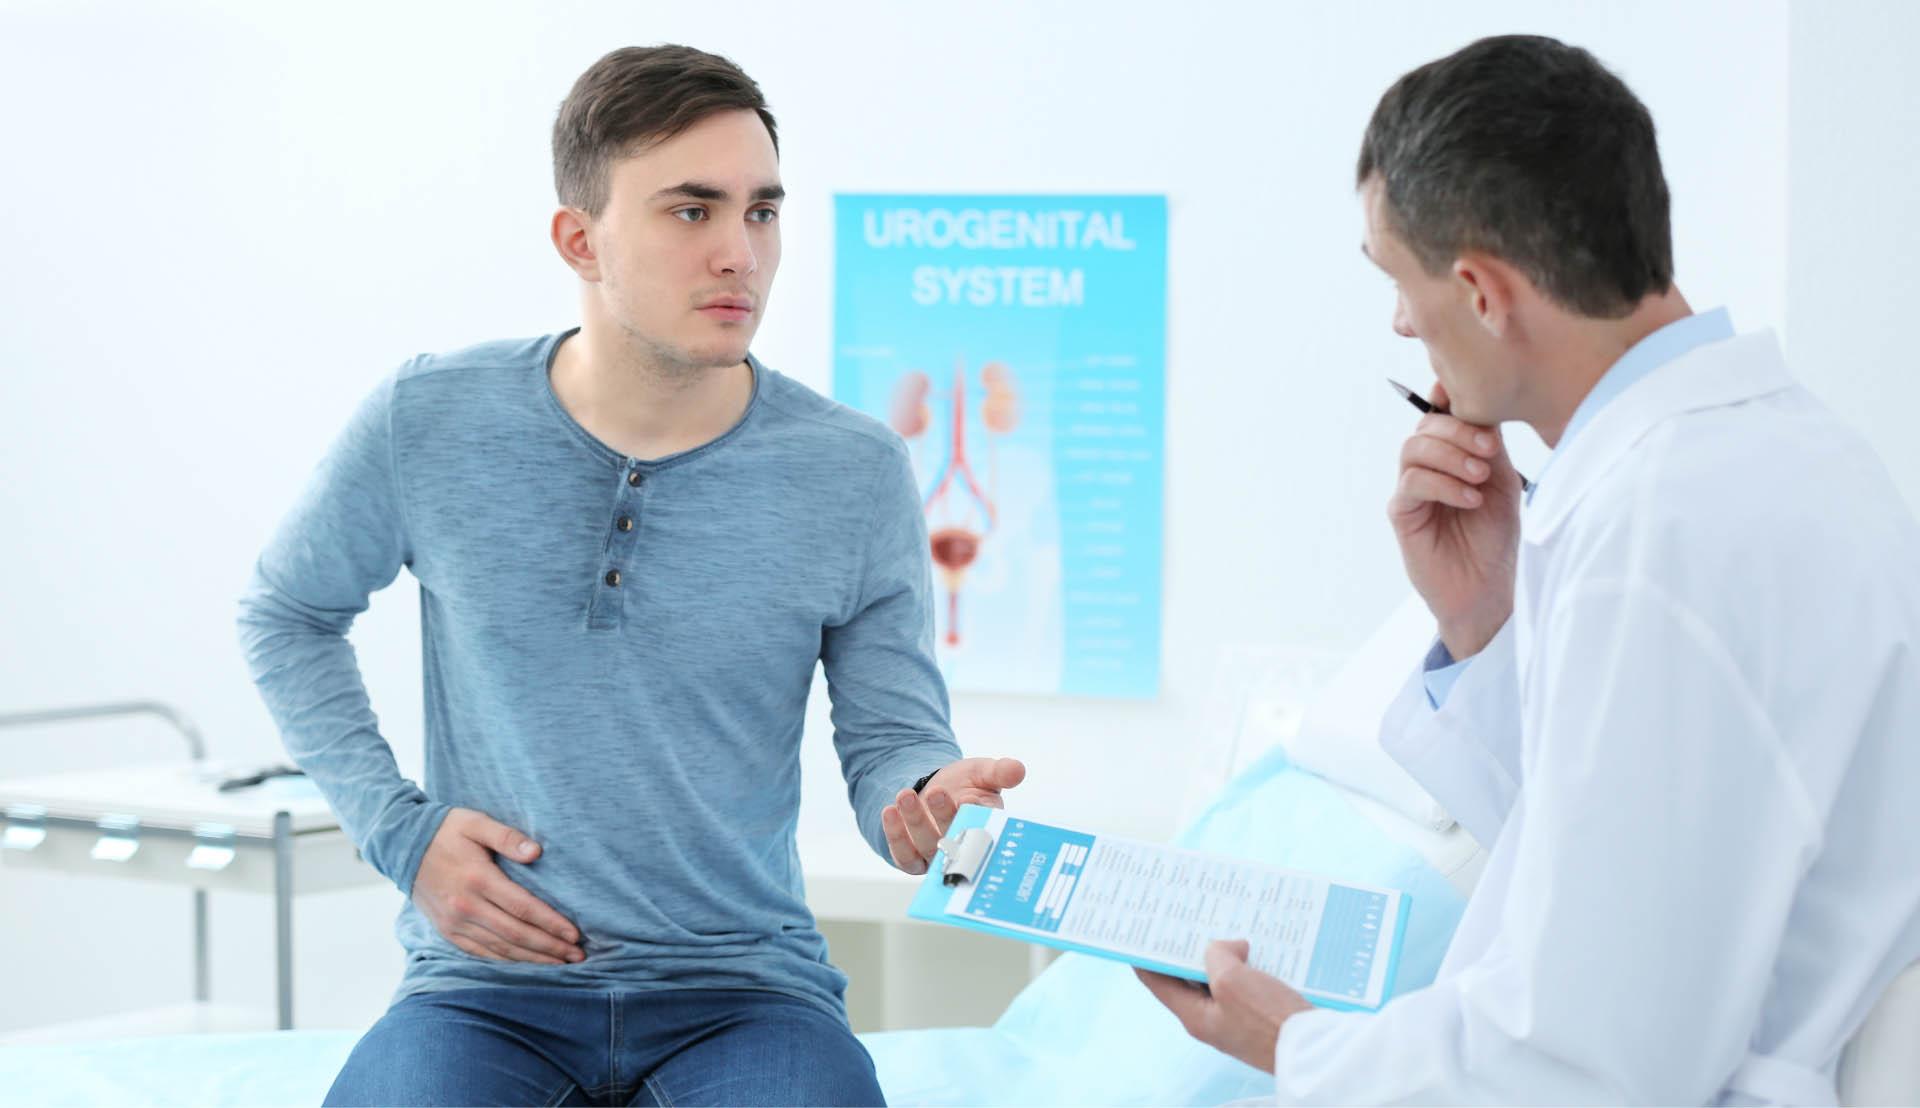 37_Urologia Progetto salute Forlimpopoli Dipartimenti